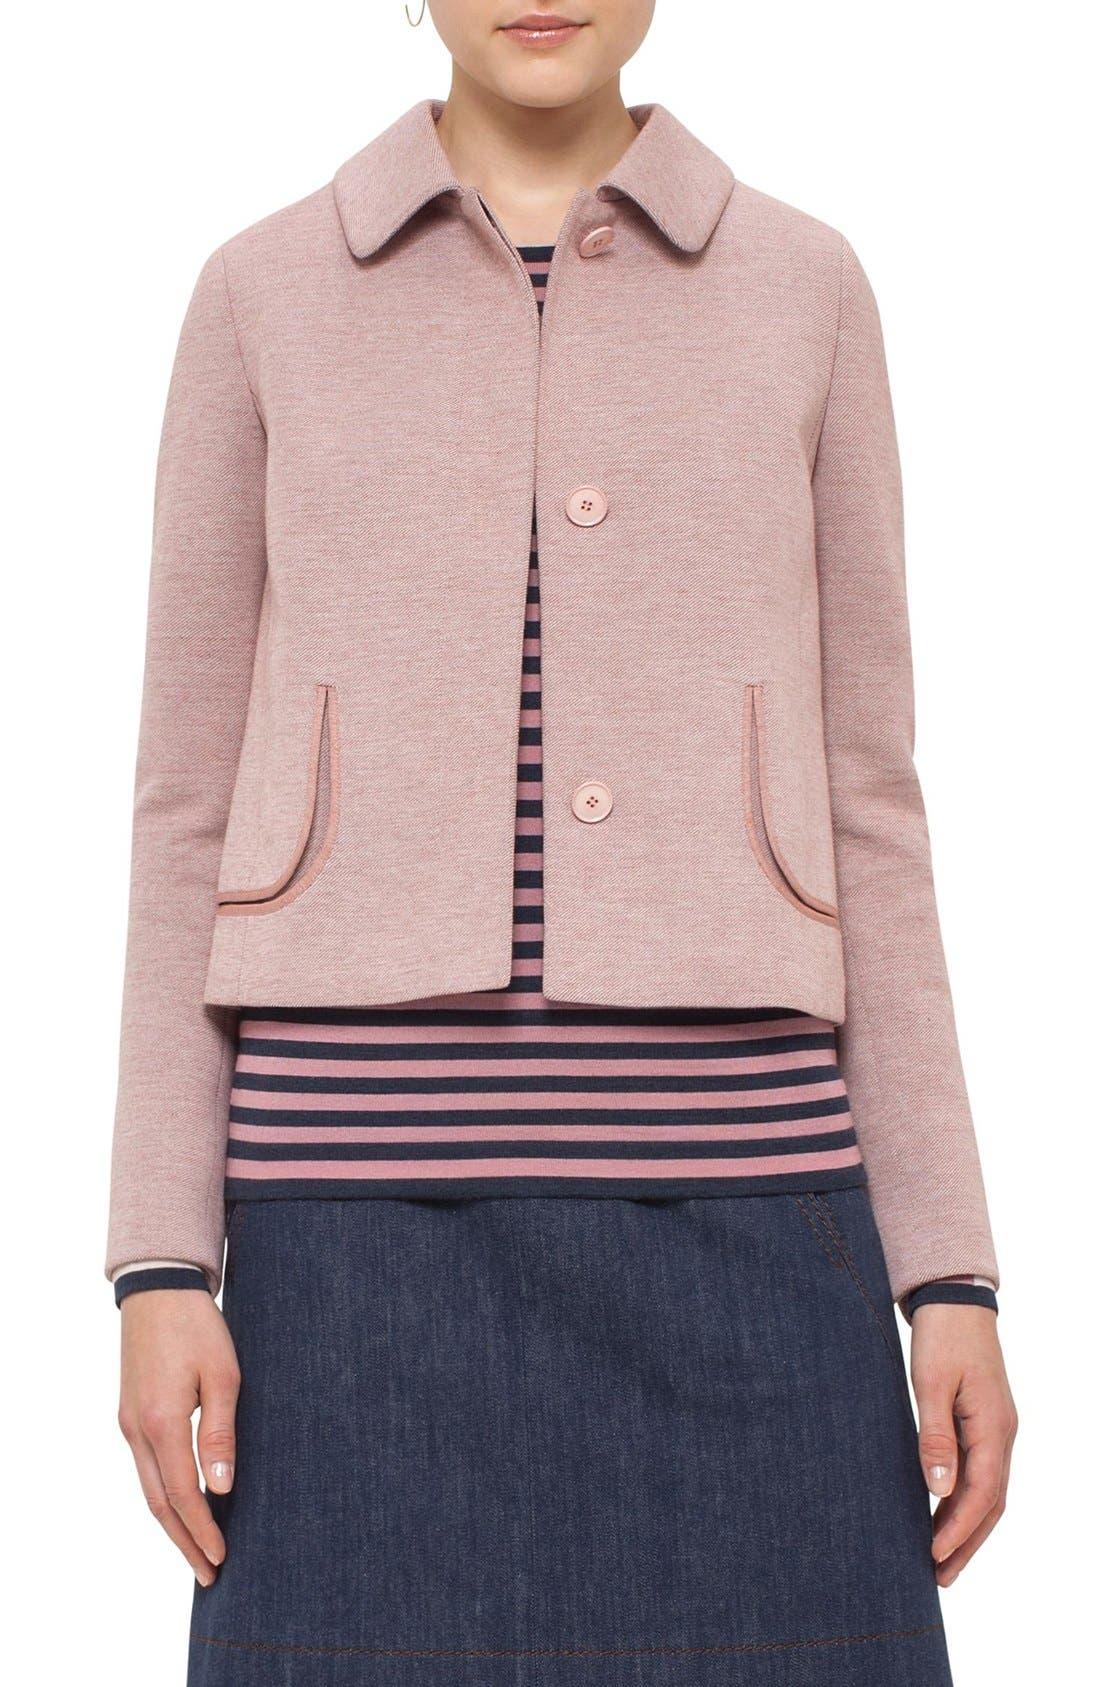 Alternate Image 1 Selected - Akris punto Doll Collar Jersey Jacket